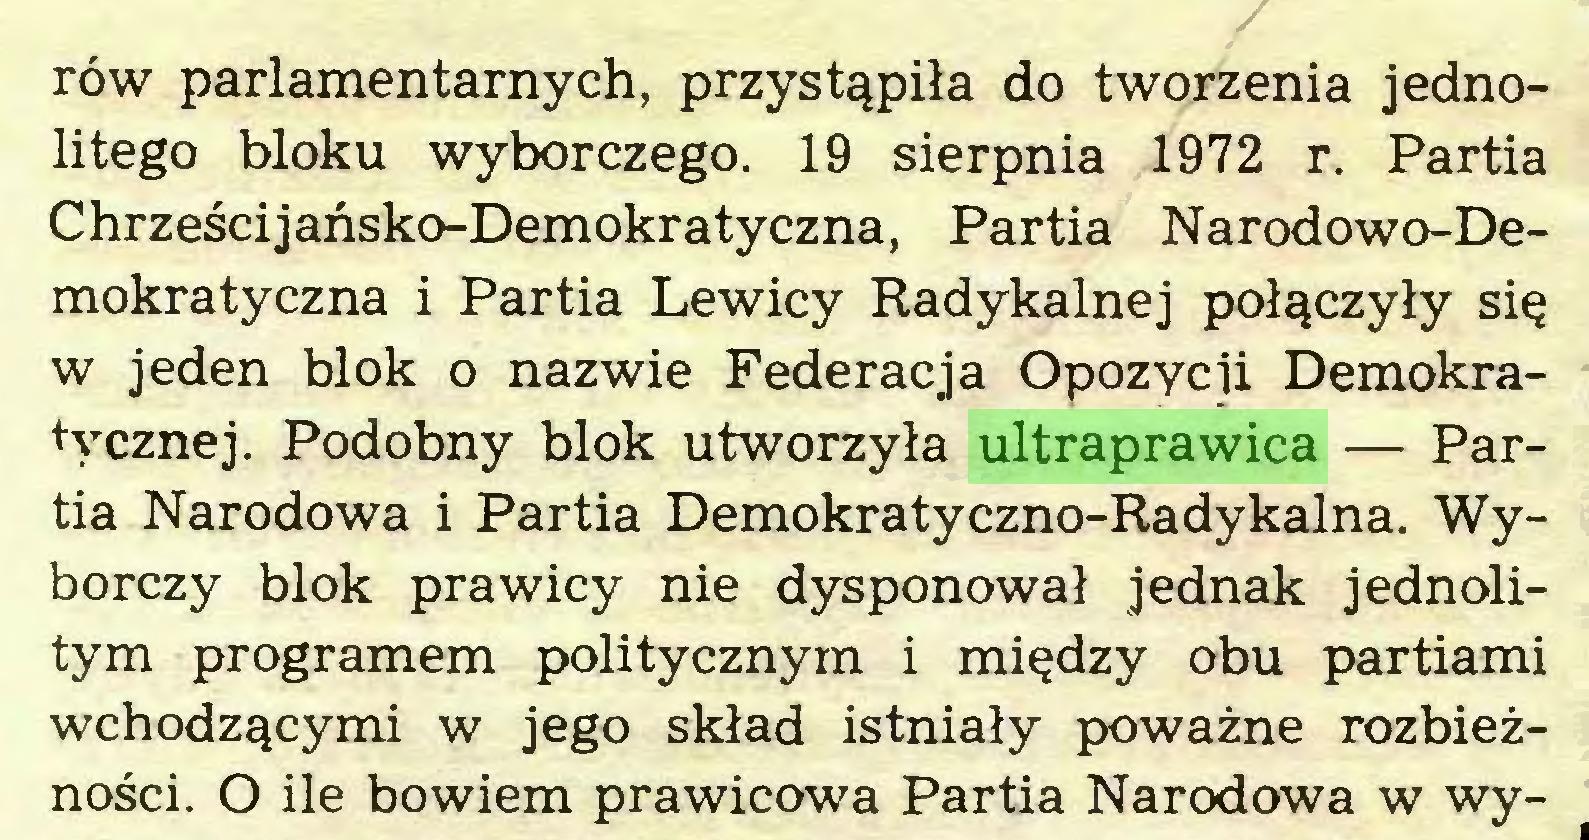 (...) rów parlamentarnych, przystąpiła do tworzenia jednolitego bloku wyborczego. 19 sierpnia 1972 r. Partia Chrześcijańsko-Demokratyczna, Partia Narodowo-Demokratyczna i Partia Lewicy Radykalnej połączyły się w jeden blok o nazwie Federacja Opozycji Demokratycznej. Podobny blok utworzyła ultraprawica — Partia Narodowa i Partia Demokratyczno-Radykalna. Wyborczy blok prawicy nie dysponował jednak jednolitym programem politycznym i między obu partiami wchodzącymi w jego skład istniały poważne rozbieżności. O ile bowiem prawicowa Partia Narodowa w wy...